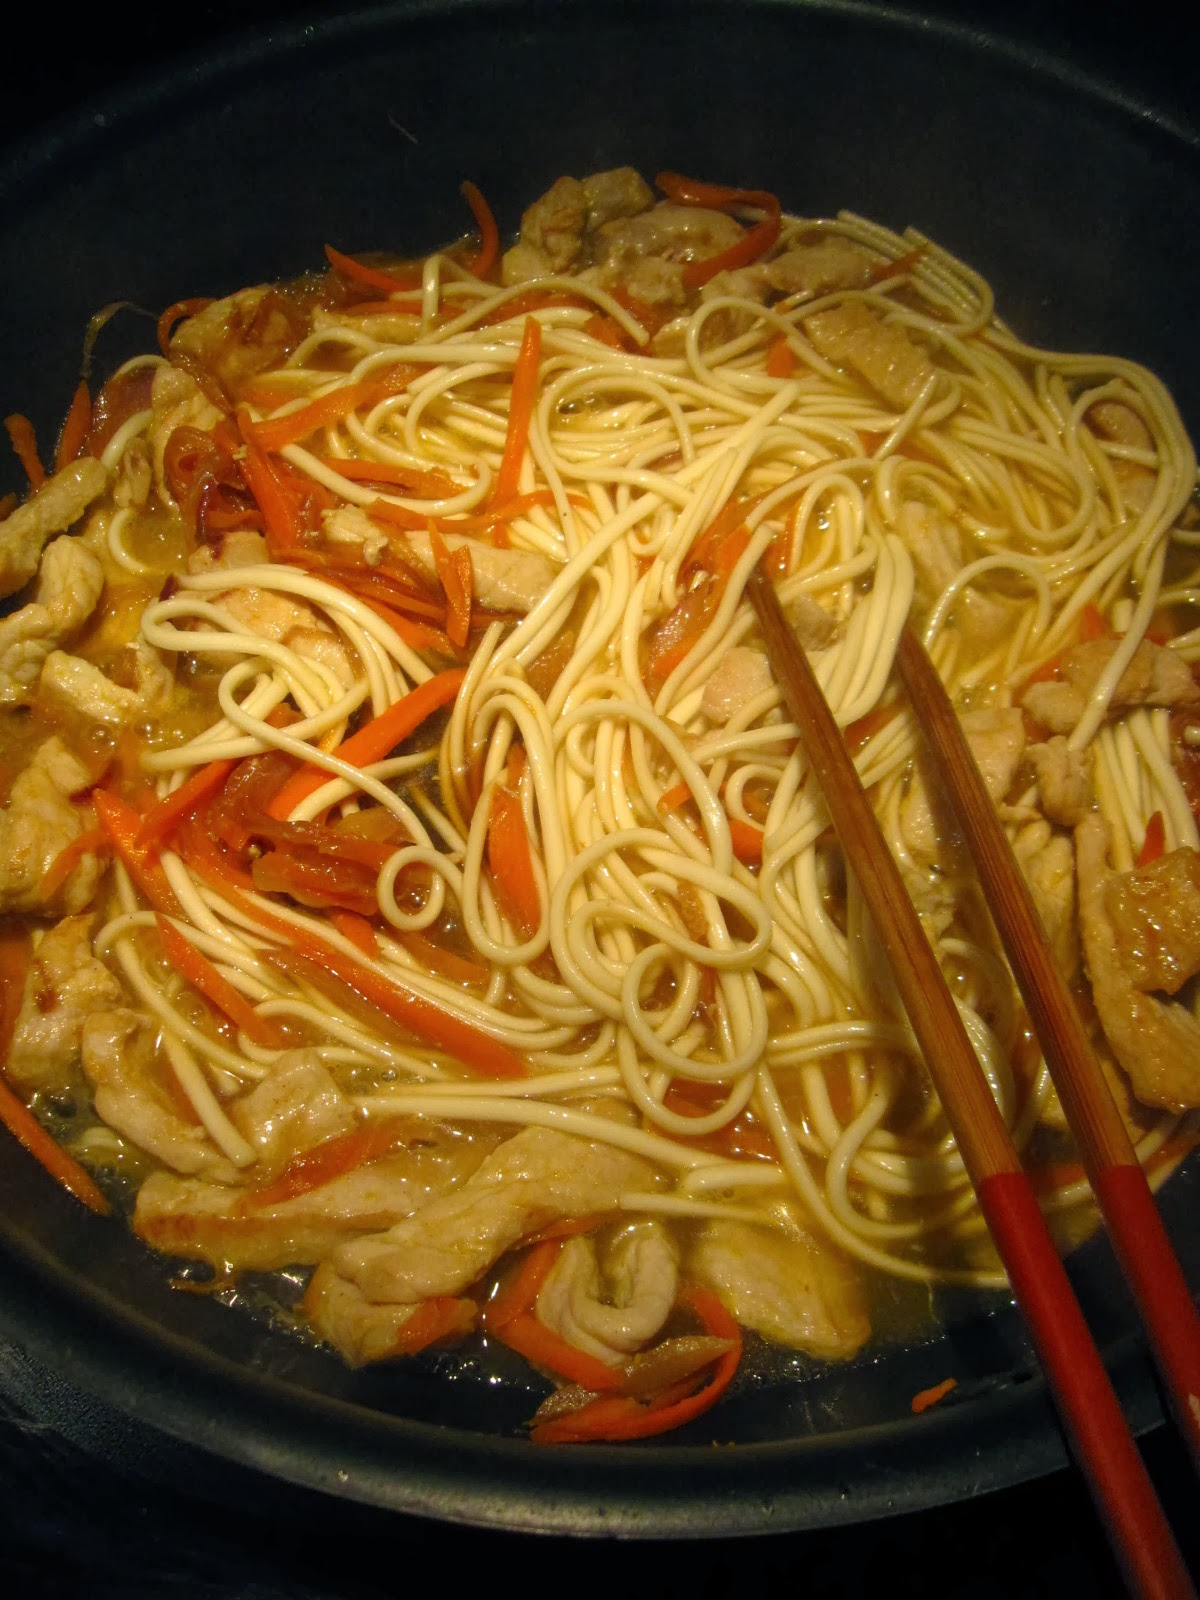 【靜姐上菜】Jean的廚房飲食歡樂記: 炒烏龍麵,炸豆腐,蛋餃辣味噌湯